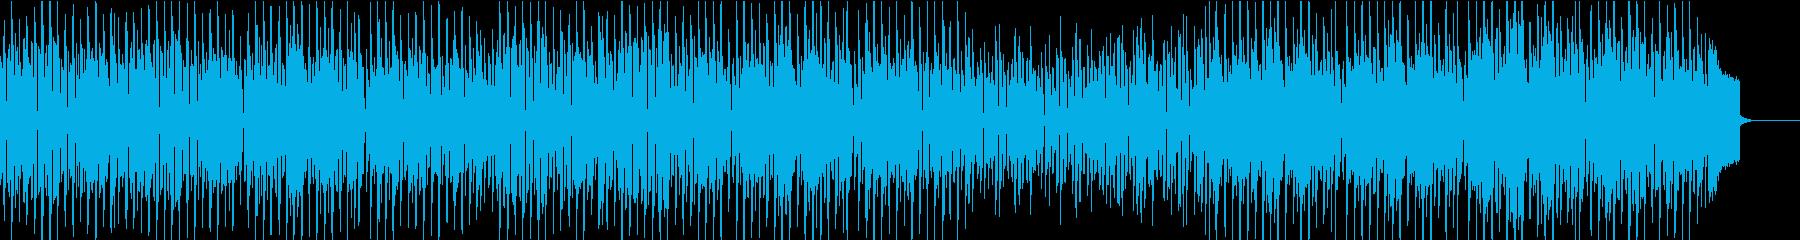 楽しくハッピーな口笛とウクレレの再生済みの波形